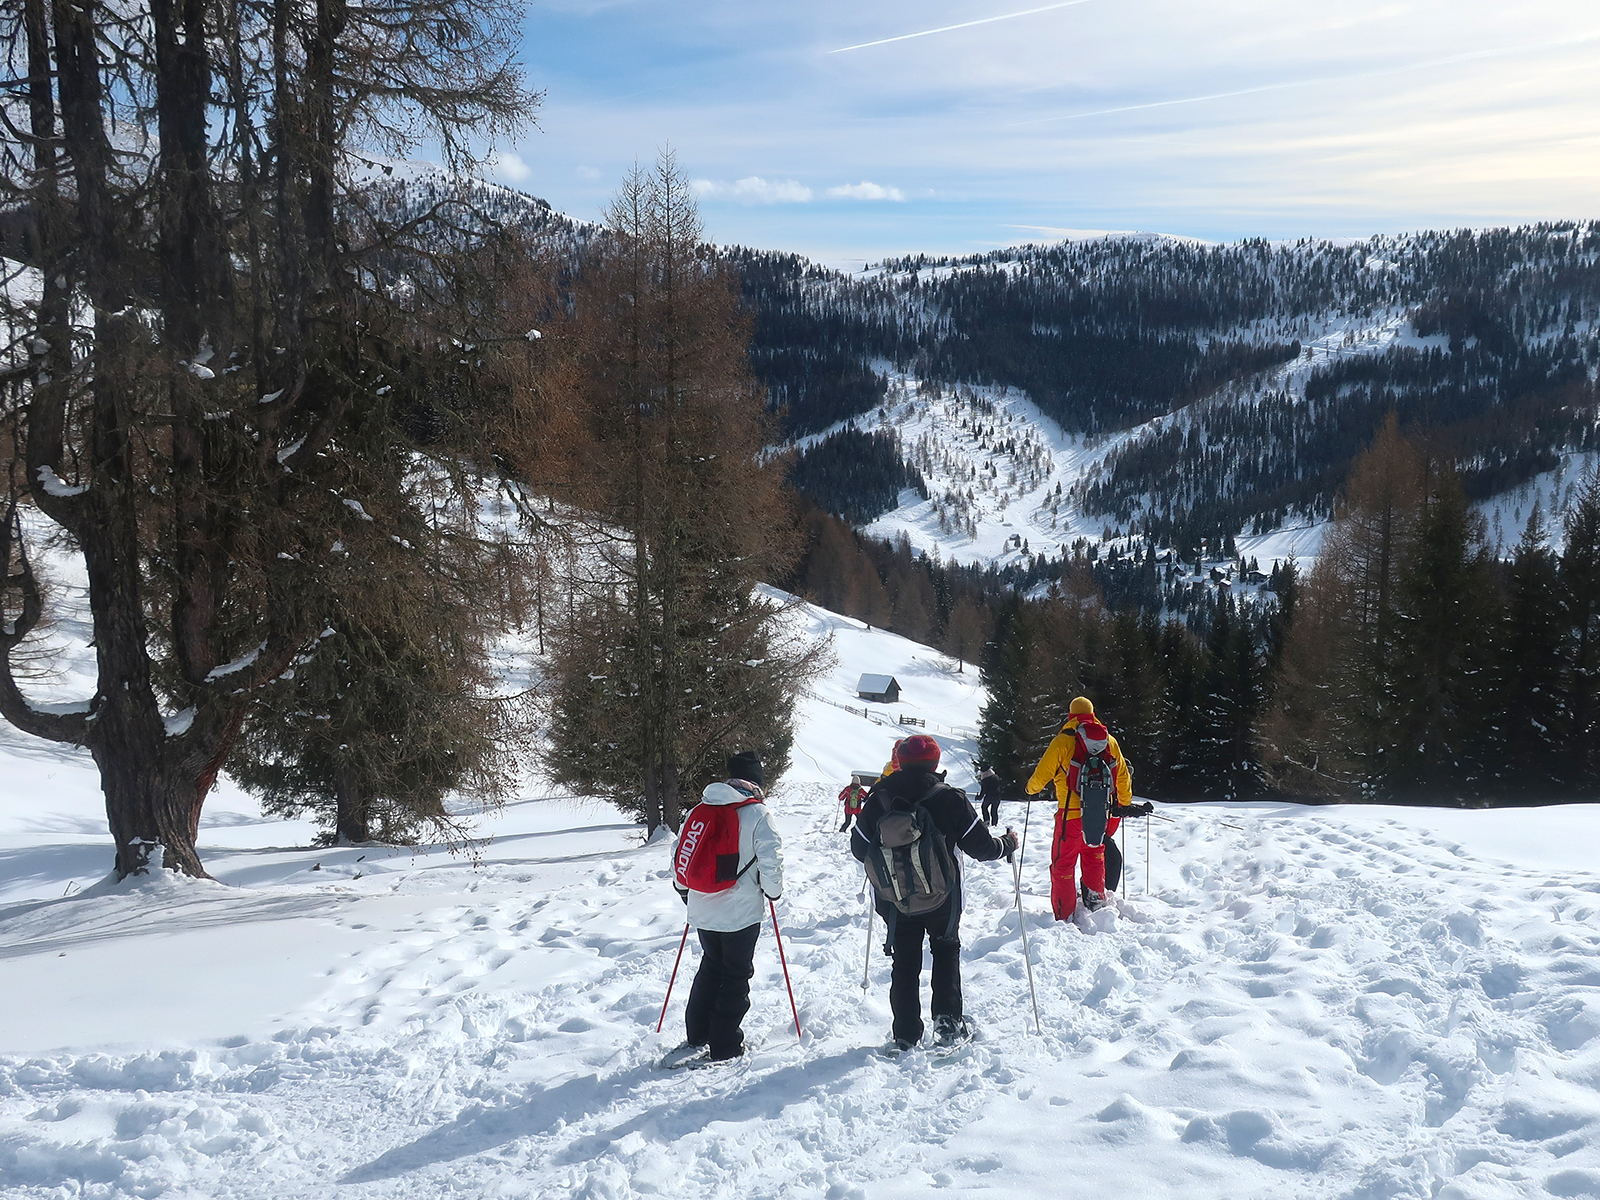 Kärnten für alle Sinne (Teil 2): Schneeschuhwandern in Bad Kleinkirchheim